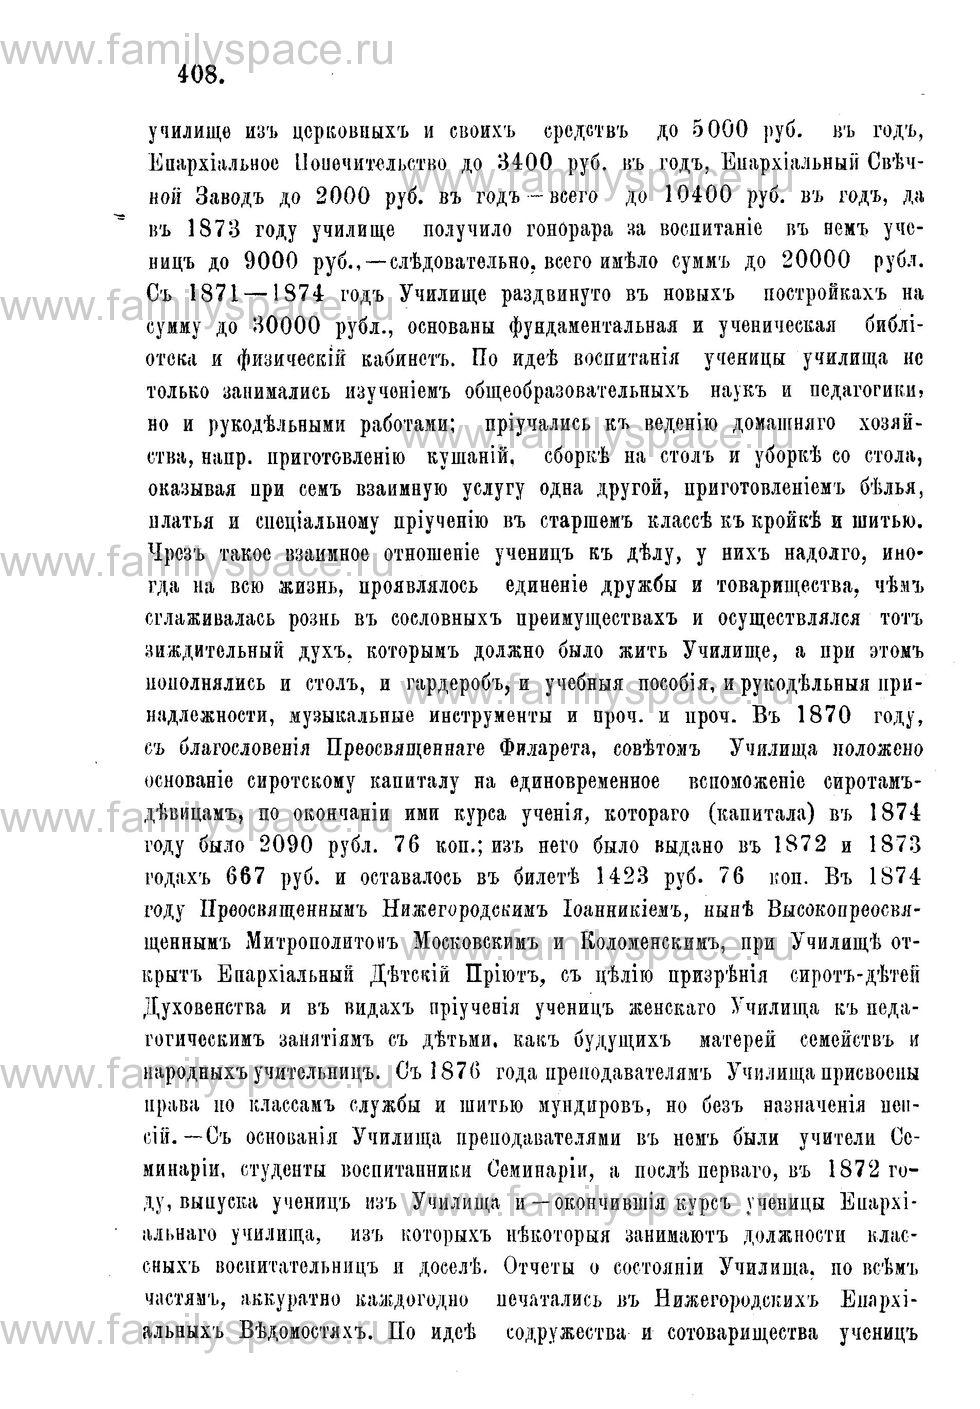 Поиск по фамилии - Адрес-календарь Нижегородской епархии на 1888 год, страница 1408